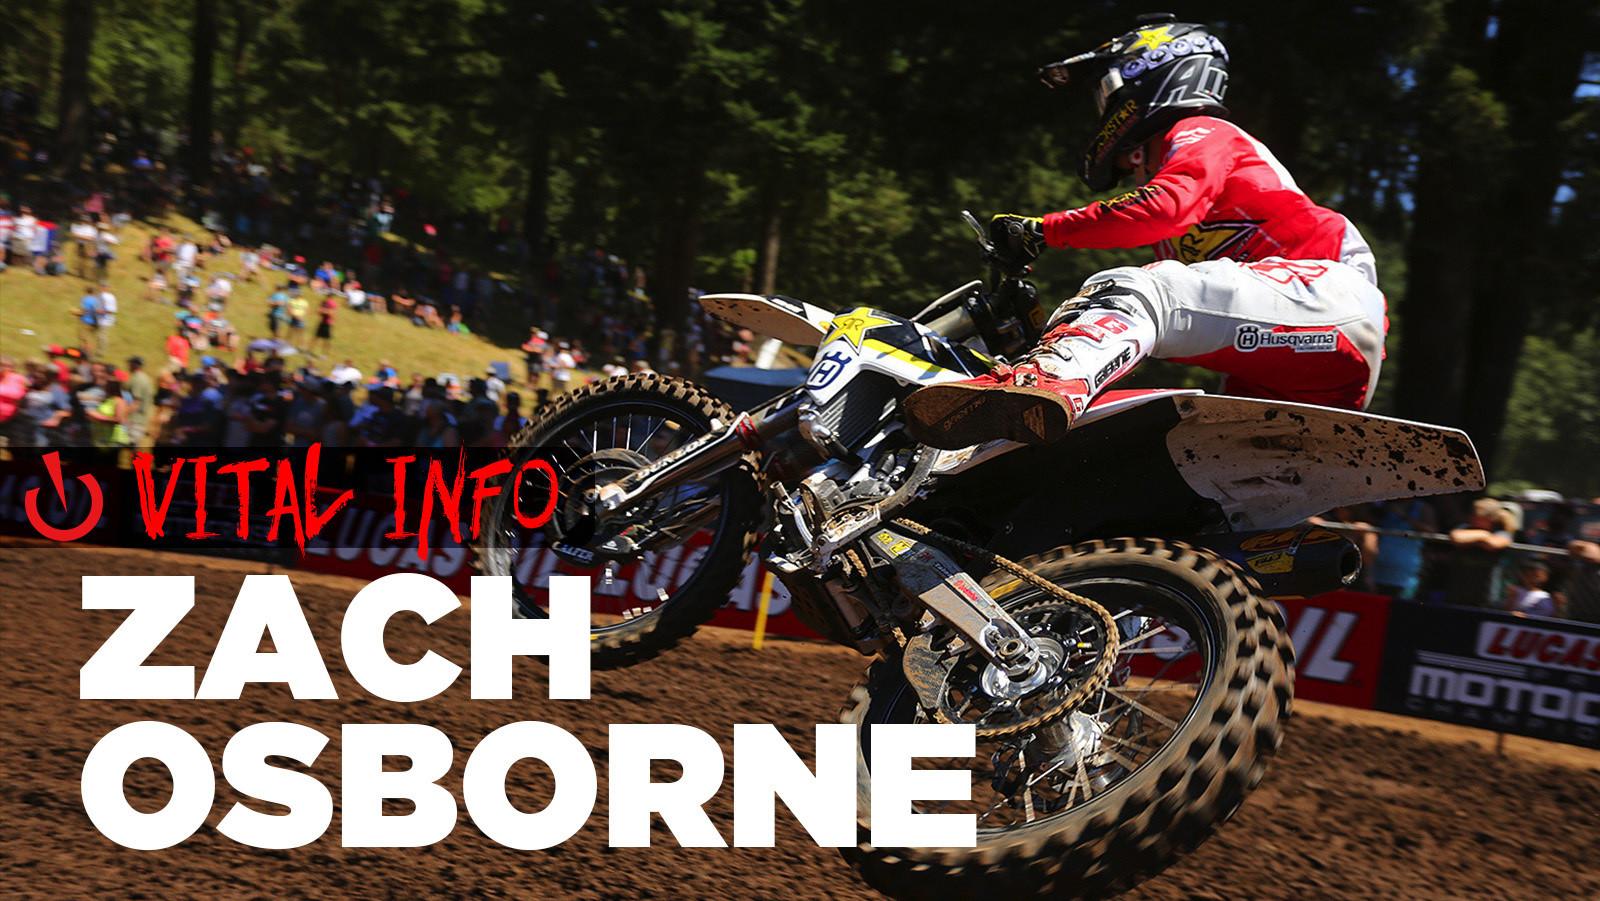 Vital Info: Zach Osborne